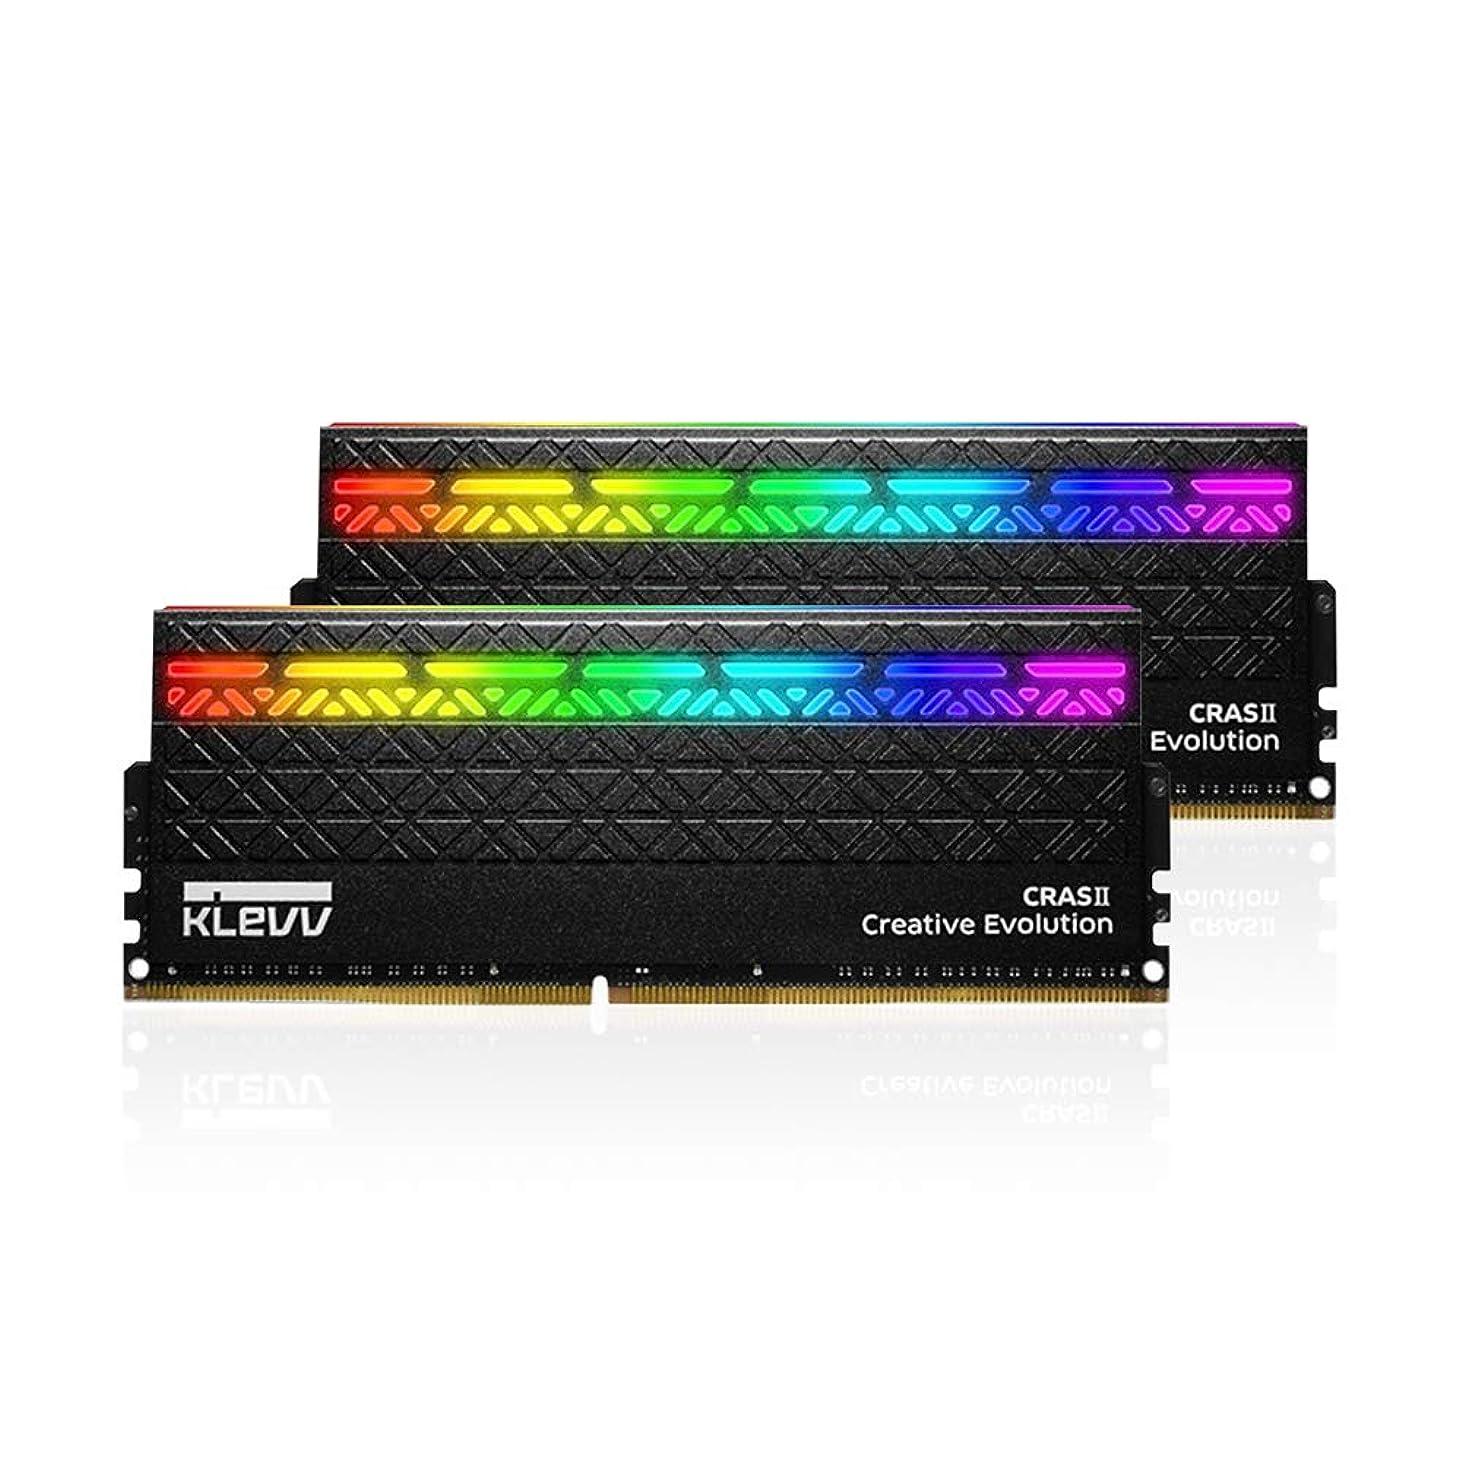 検出器デクリメント持っているKLEVV デスクトップ オーバークロックPC用 メモリ DDR4-3200 8GB x 2枚 国内正規品 CRAS II RGB 288pin KM4Z8GX2A-3200-EC